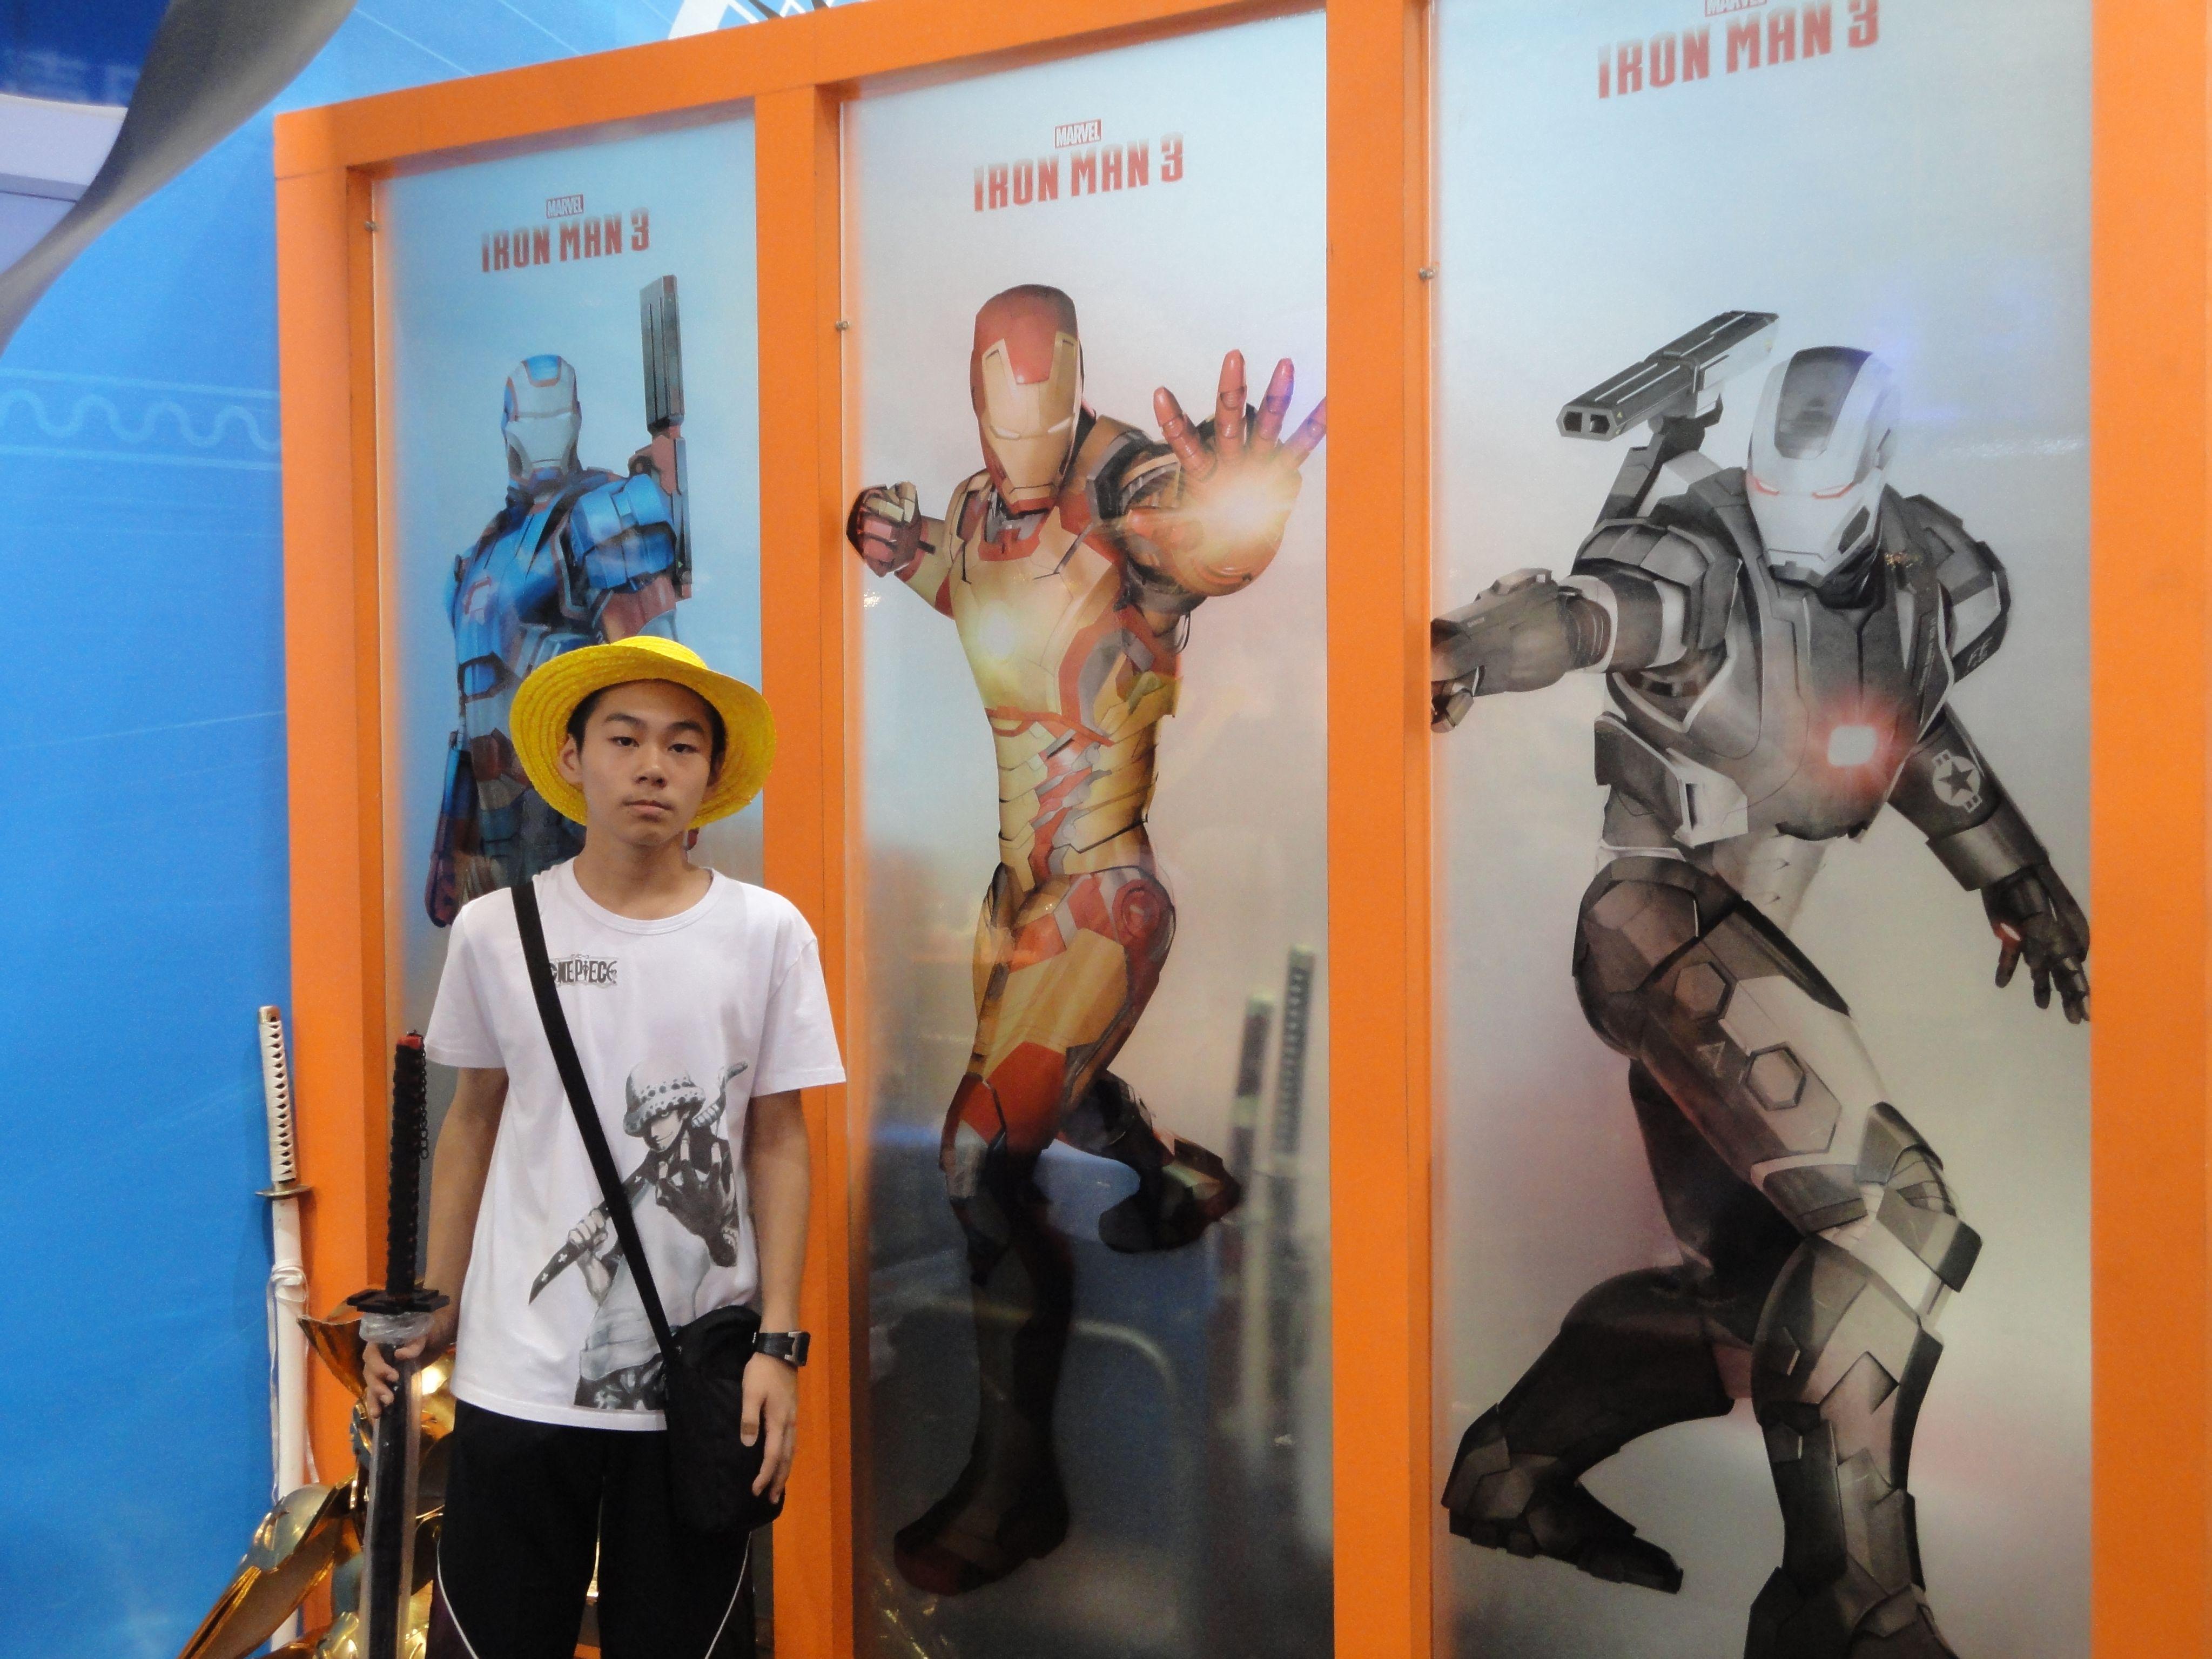 我这个样子的能cosplay哪个角色 有图高清图片